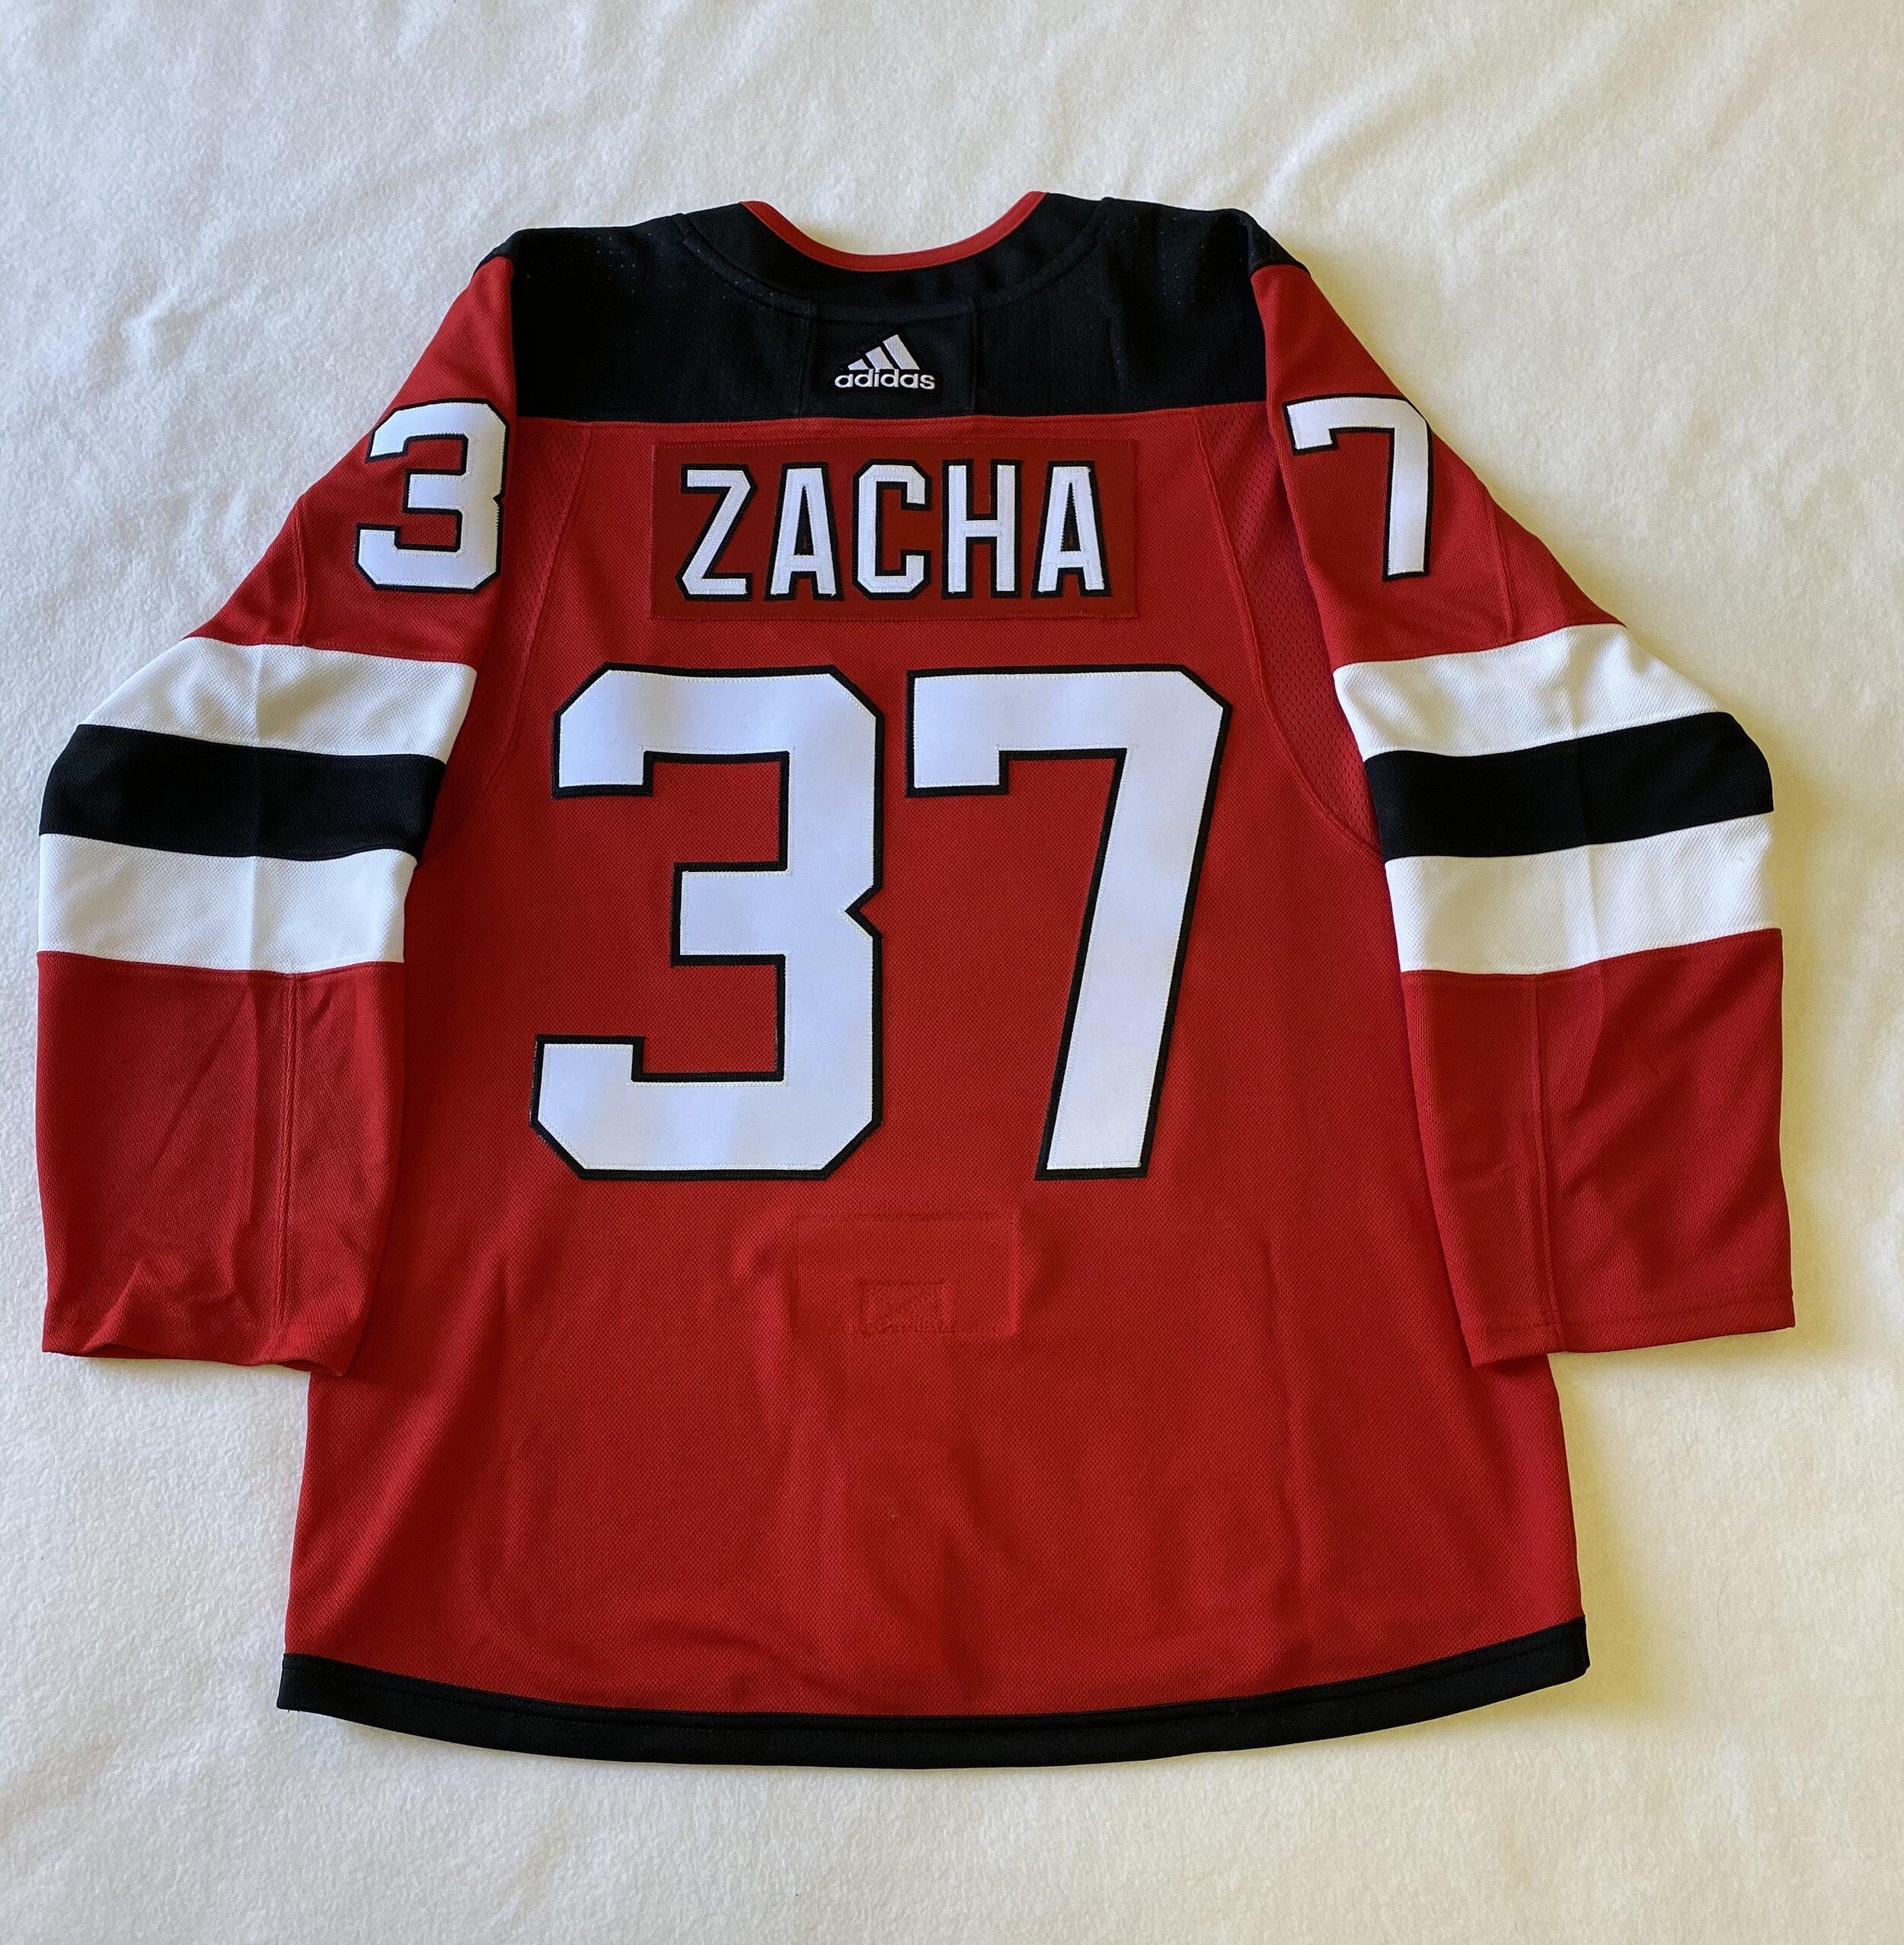 NJ Devils - ZACHA 37